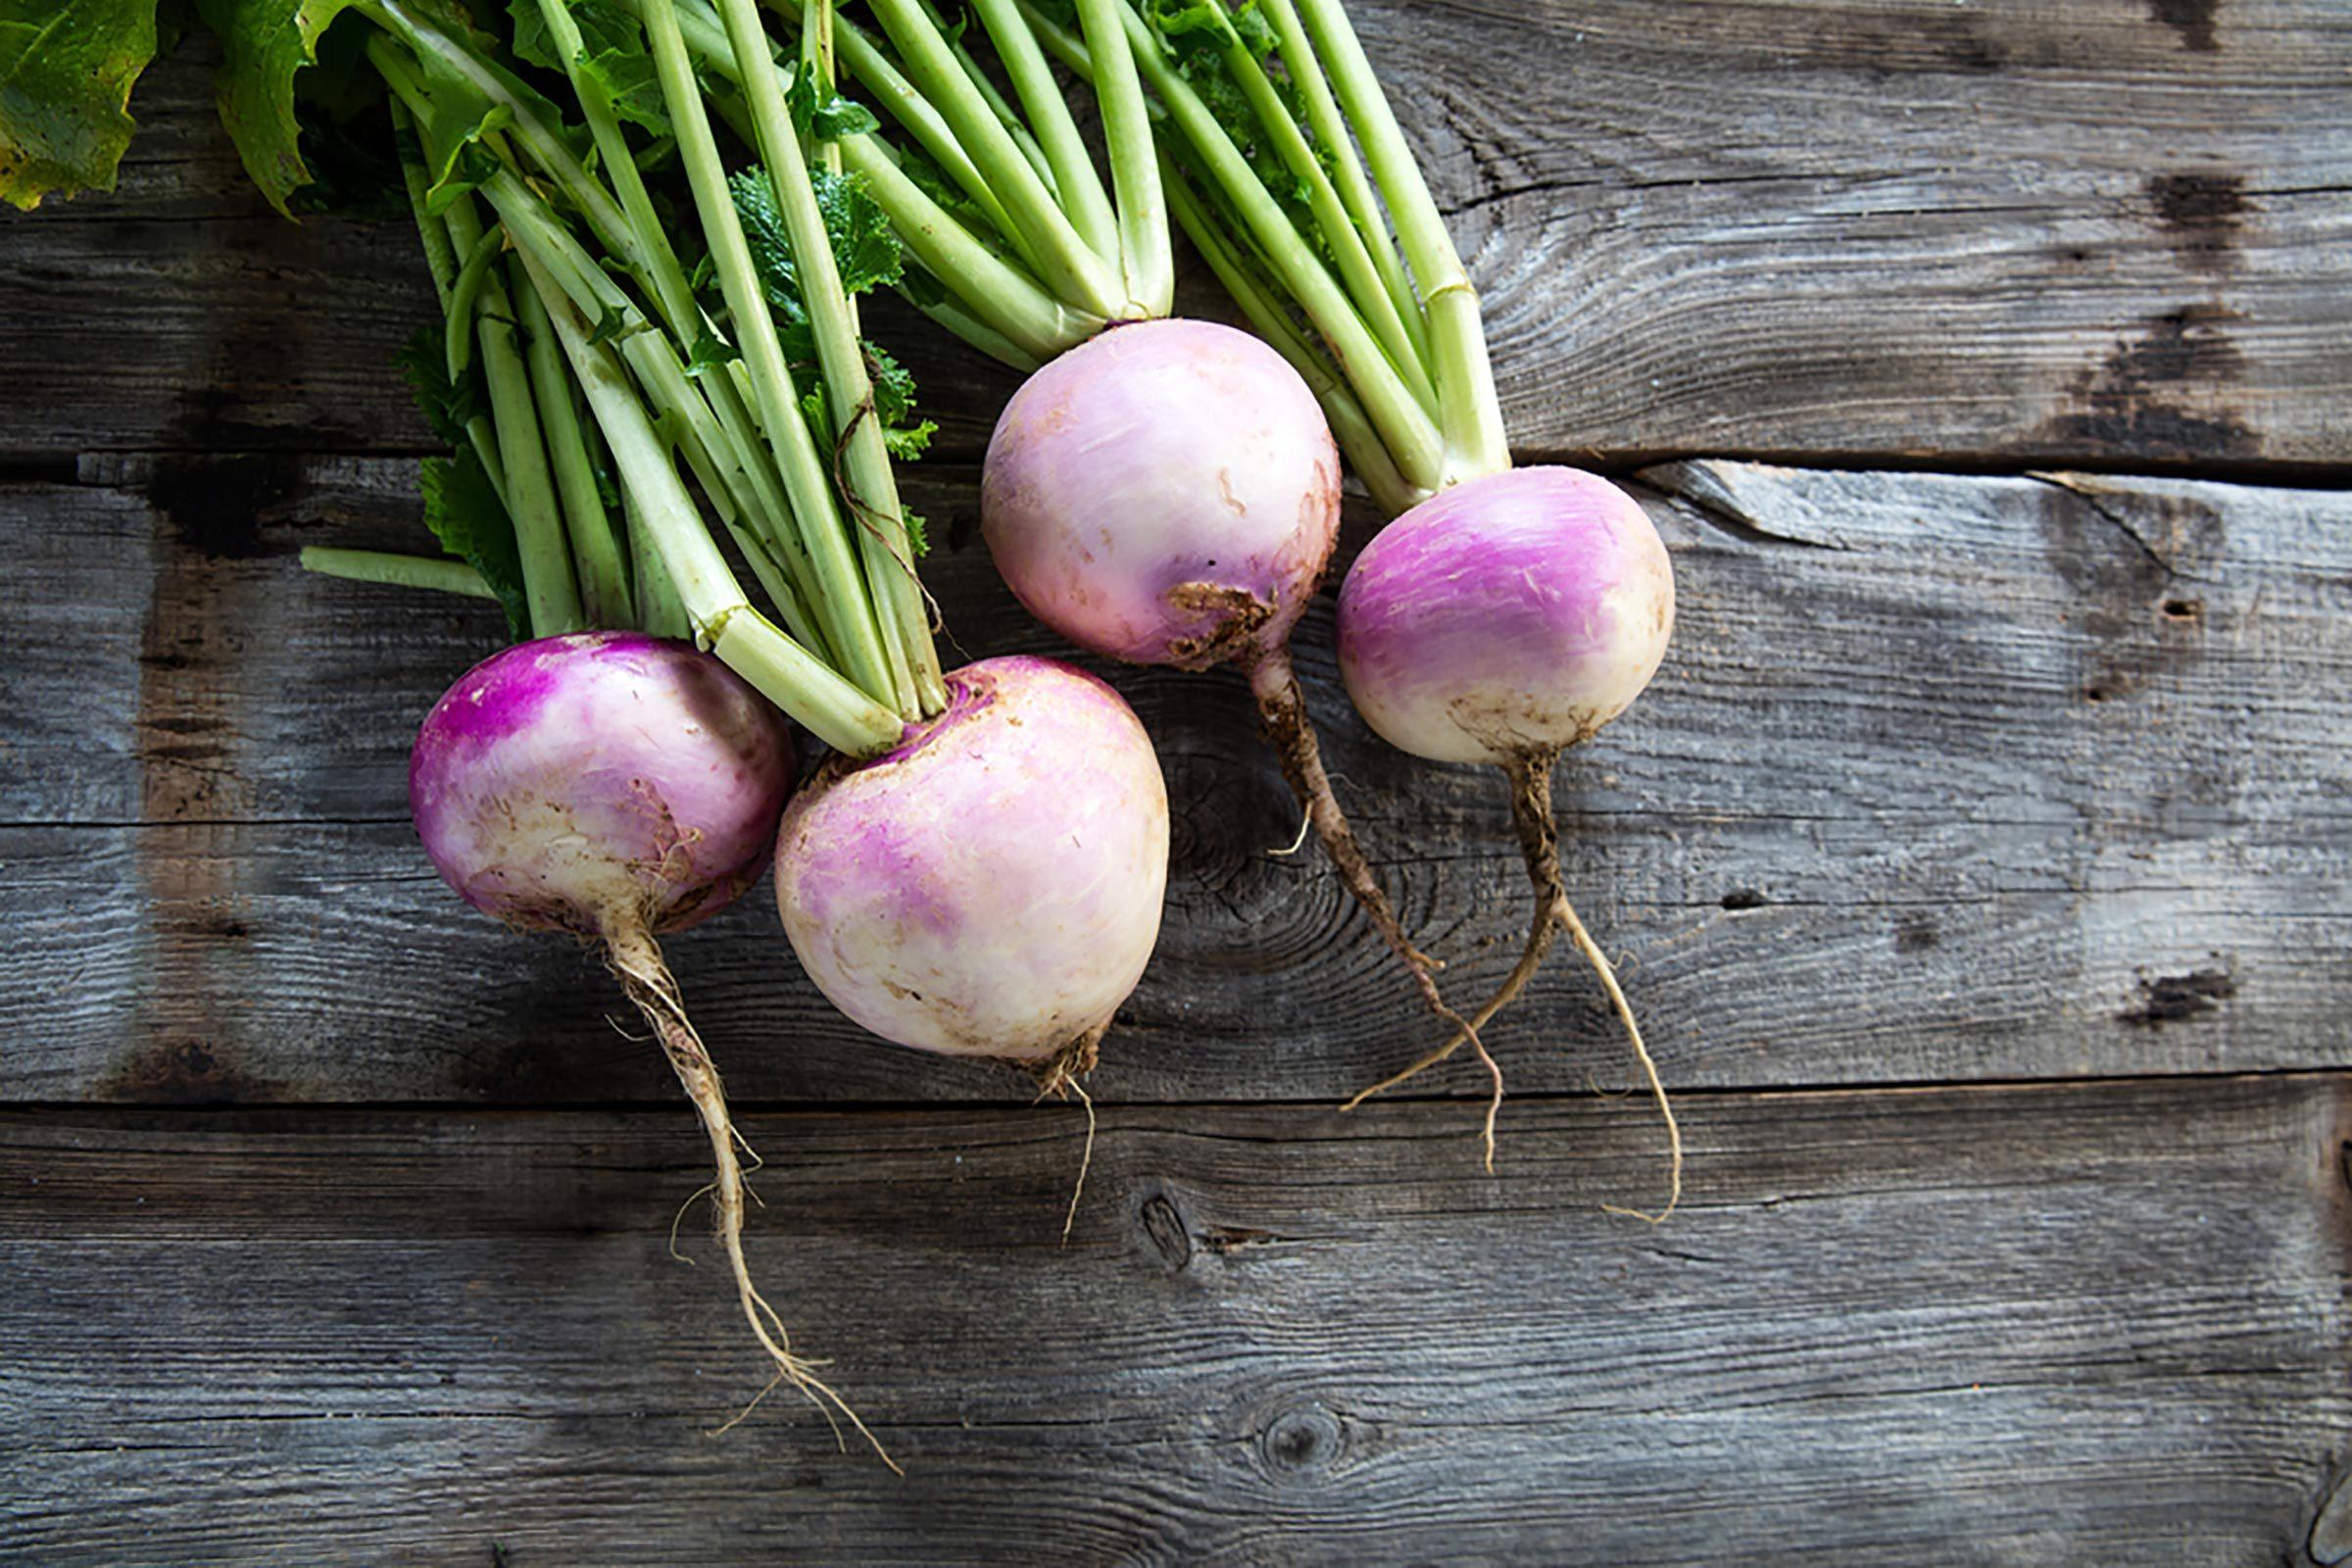 roasted turnips